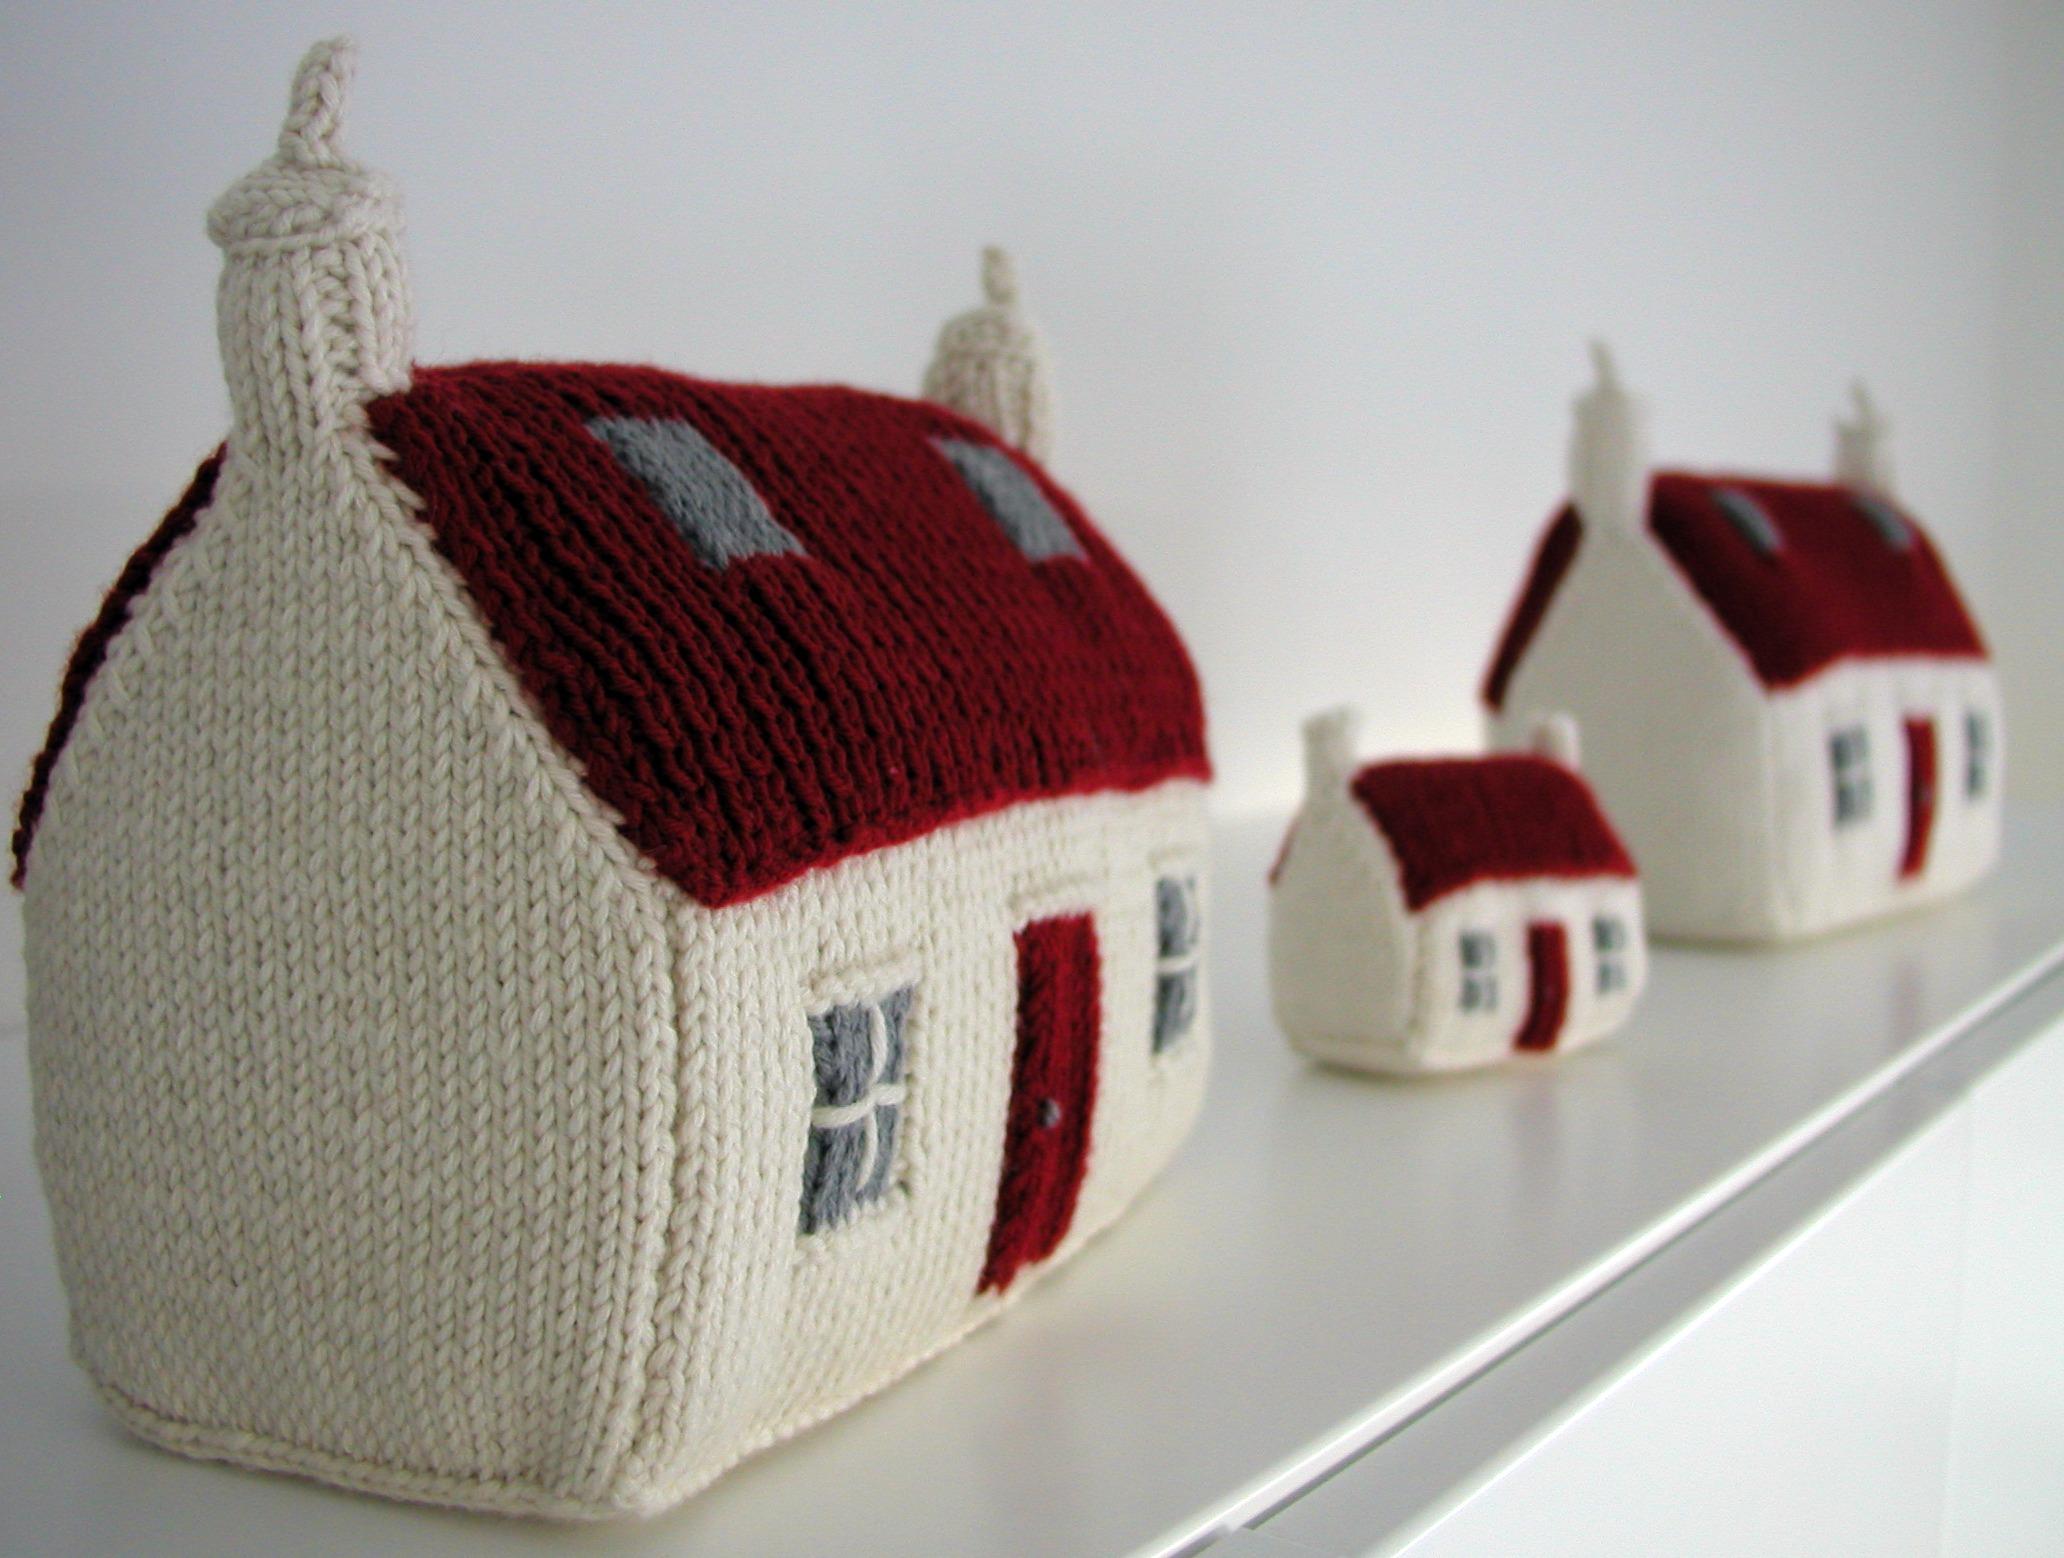 Hintergrundbilder : rot, Weiß, Haus, Schottland, drei, Stricken ...